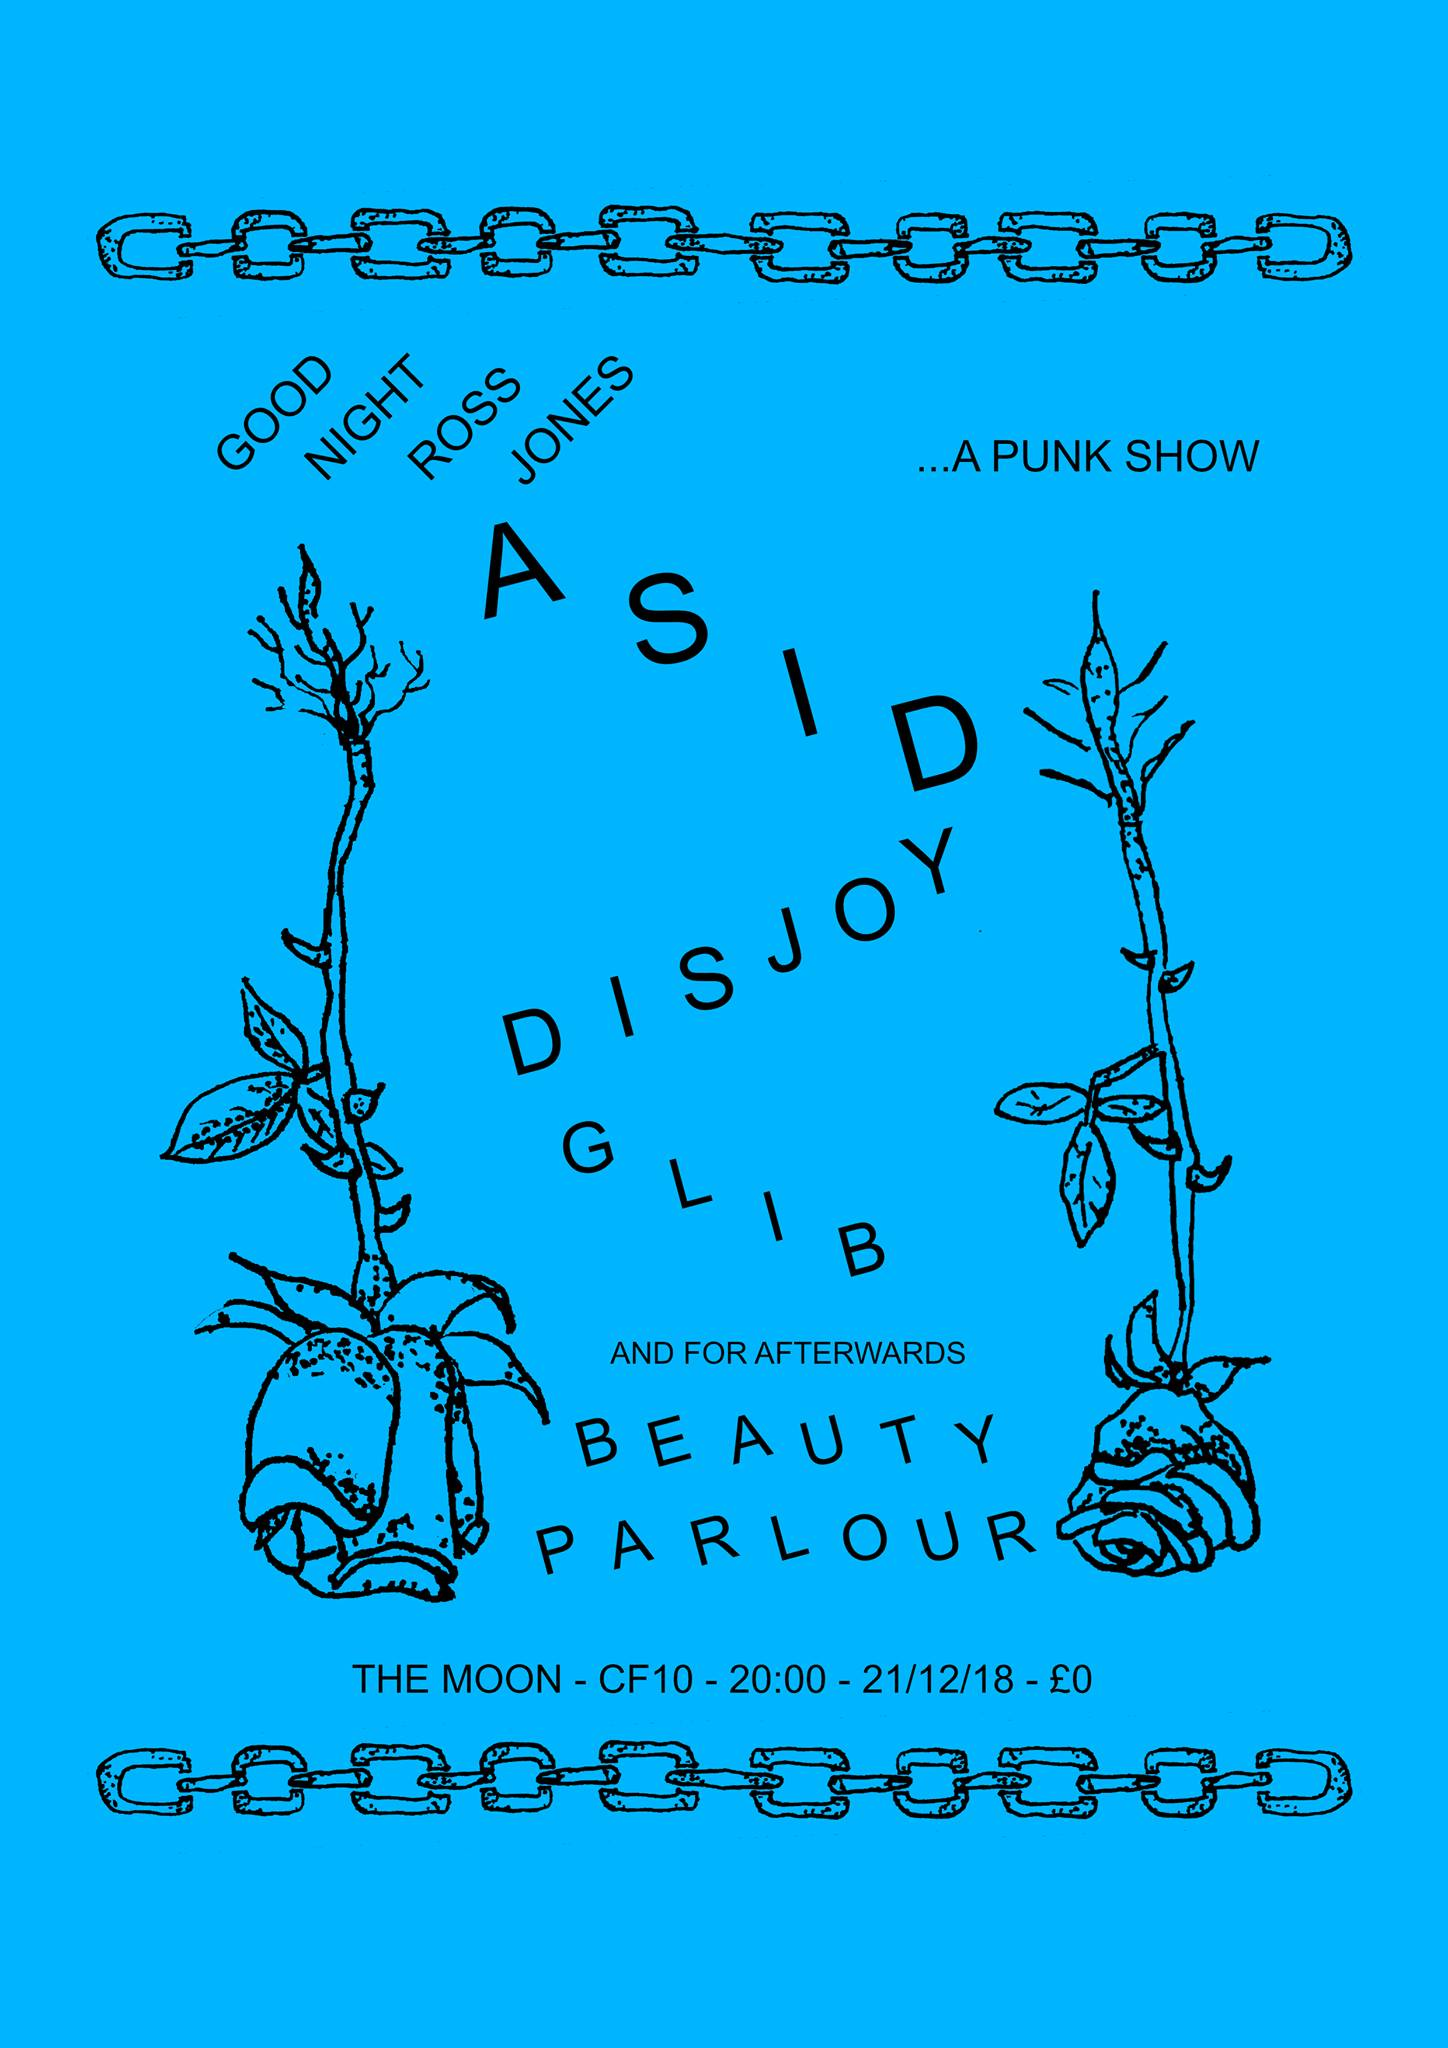 Disjoy poster